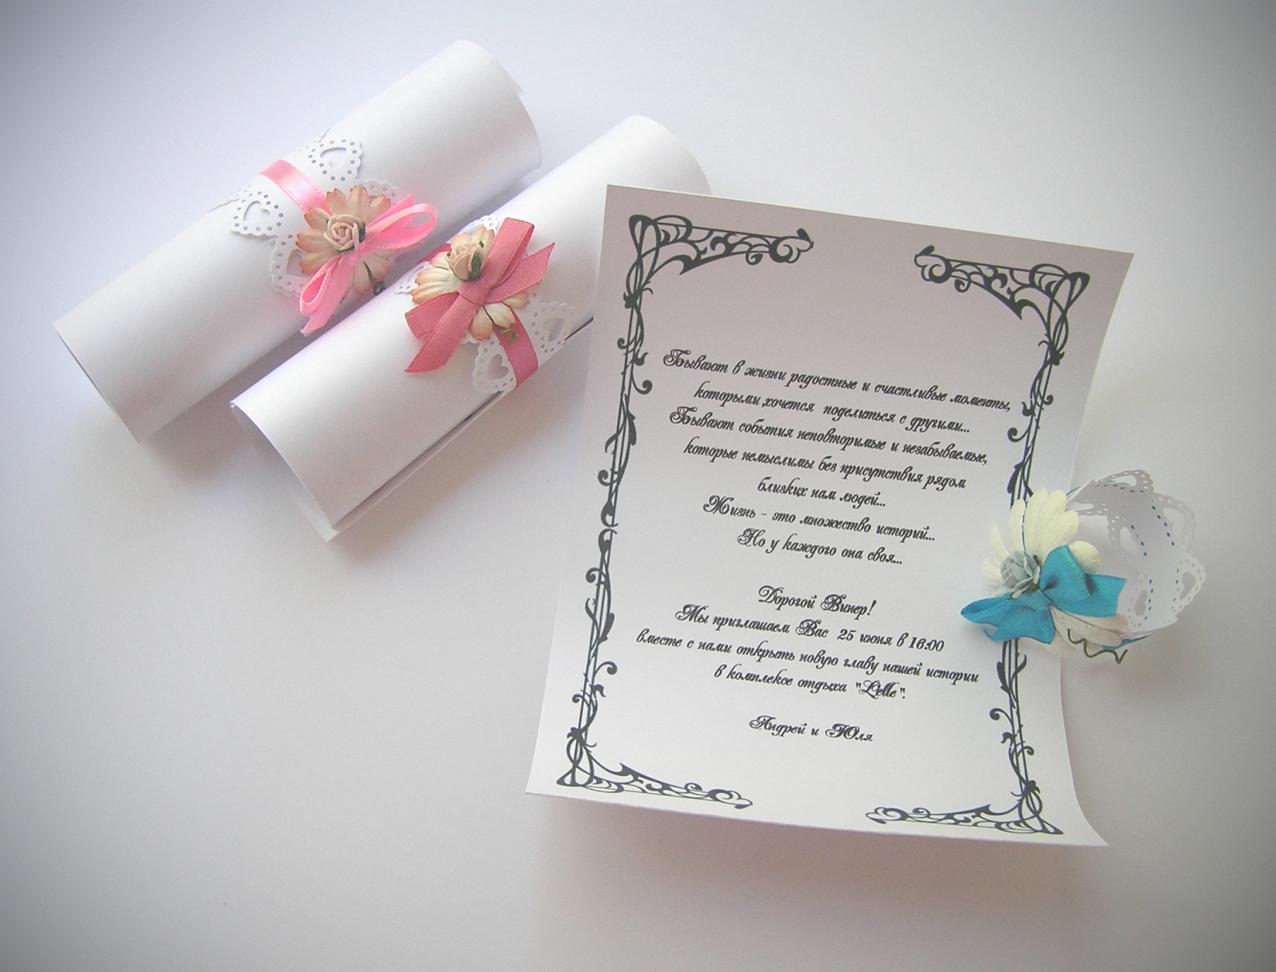 Приглашение на свадьбу своими руками пошаговая инструкция с фото